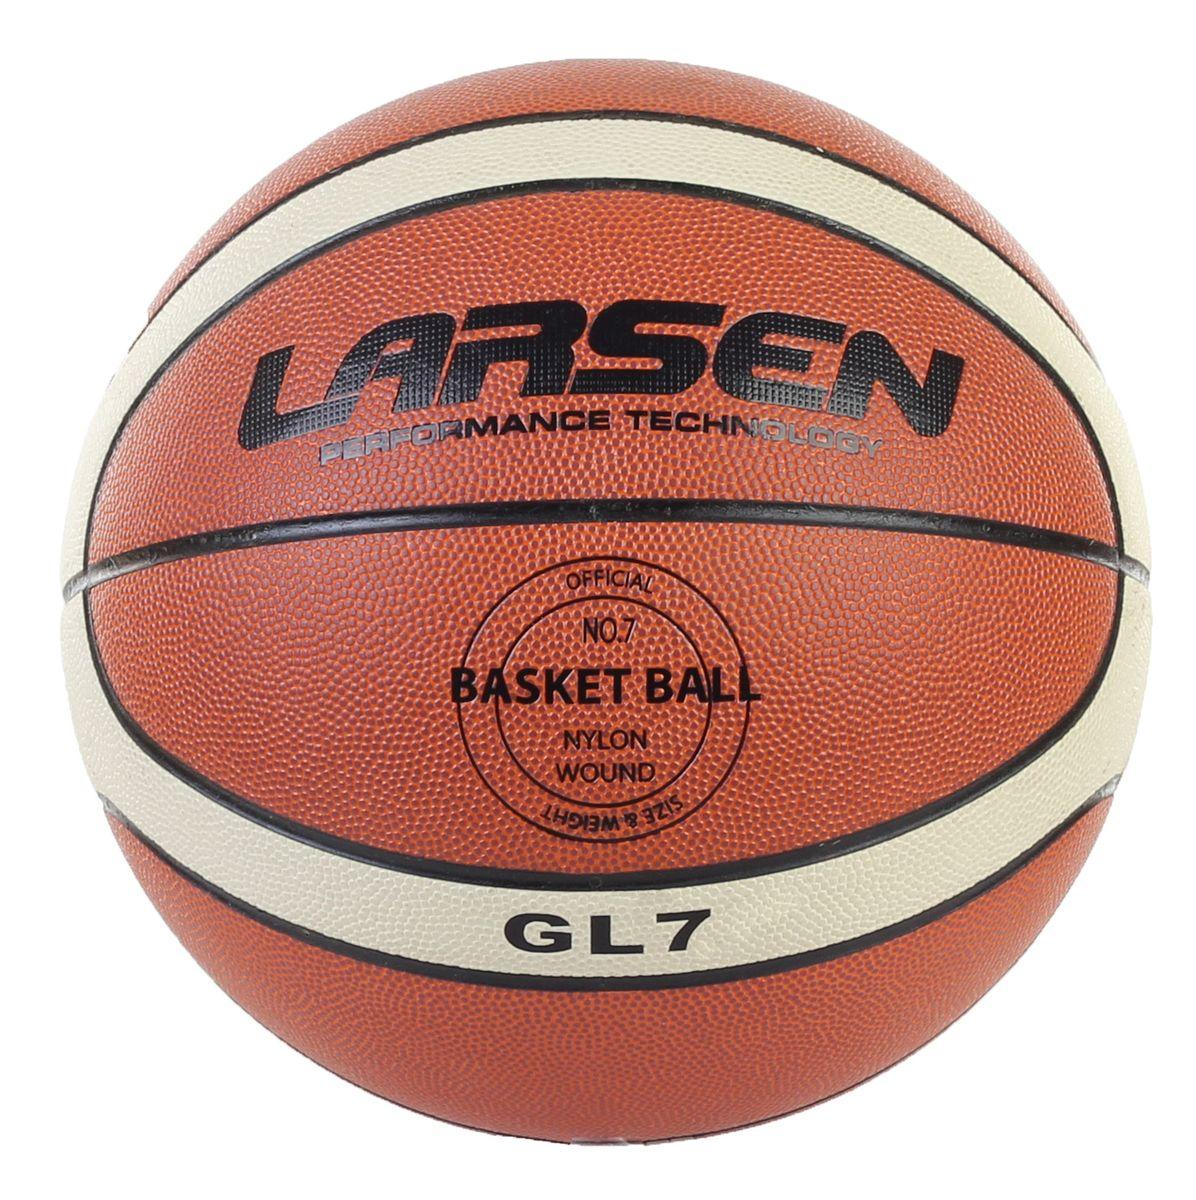 Мяч баскетбольный Larsen PVC-GL7. Размер 7PVC-GL7Благодаря покрышке, выполненной из поливинилхлорида, мяч очень прочен, надежен и долговечен, а также стоек к появлению грыж. Специальная конструкция с армированием нейлоновой нитью позволяет мячу Larsen PVC-GL7 долго не терять форму и оставаться идеально круглым. Бутиловая камера внутри отвечает за предсказуемый отскок и быстрое восстановление формы мяча. Вес: 600-650 г. Окружность: 75-78 см. Материал: ламинированный поливинилхлорид.